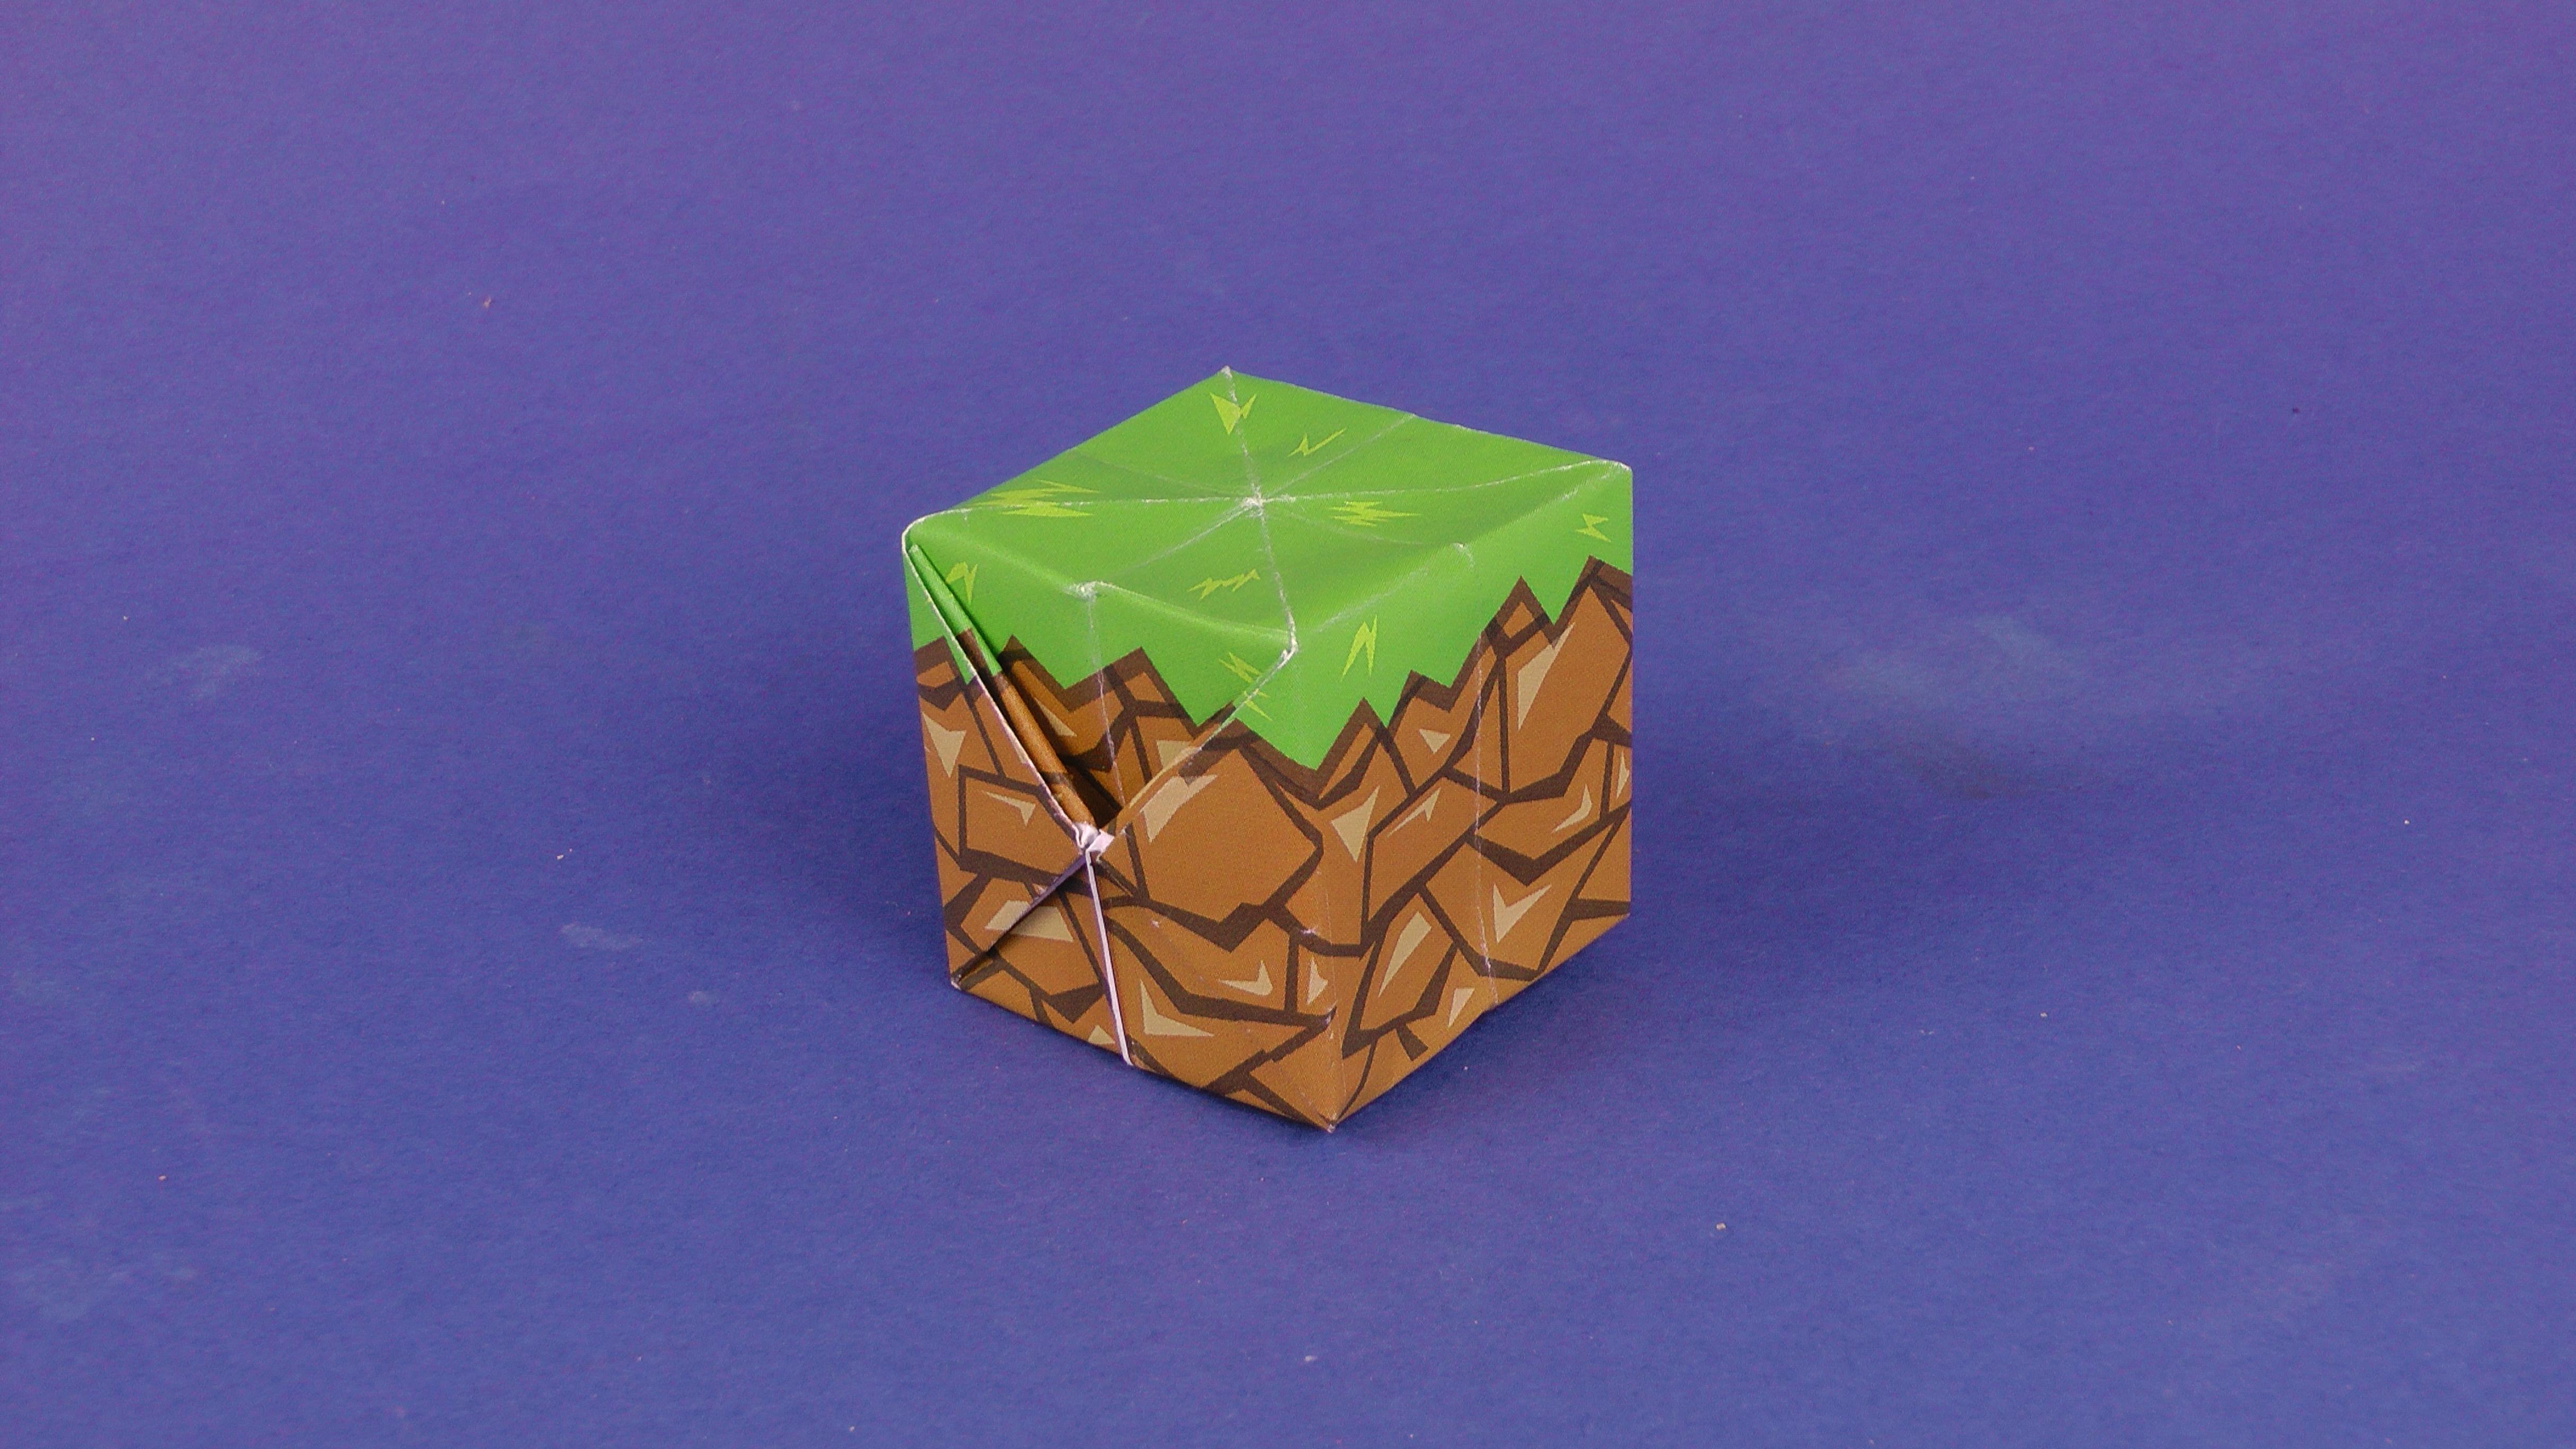 minecraft block origami tavins origami